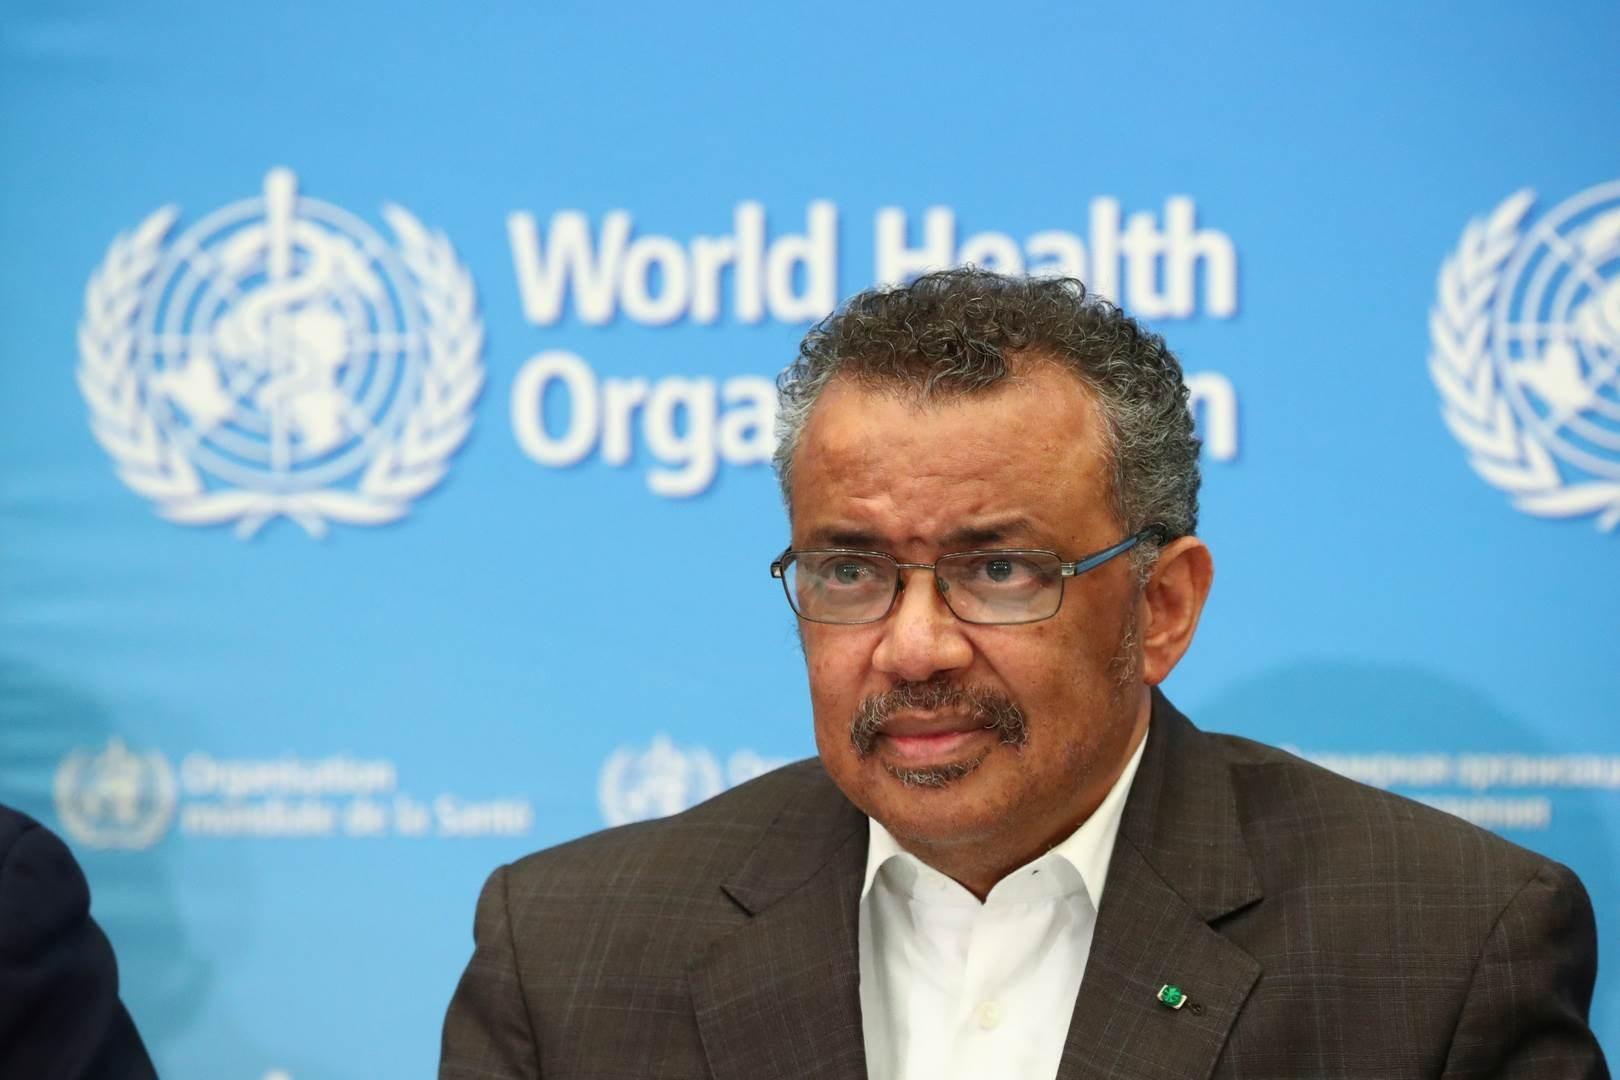 منظمة الصحة العالمية تعقد دورتها الـ73 لتقييم الأداء في مواجهة كورونا